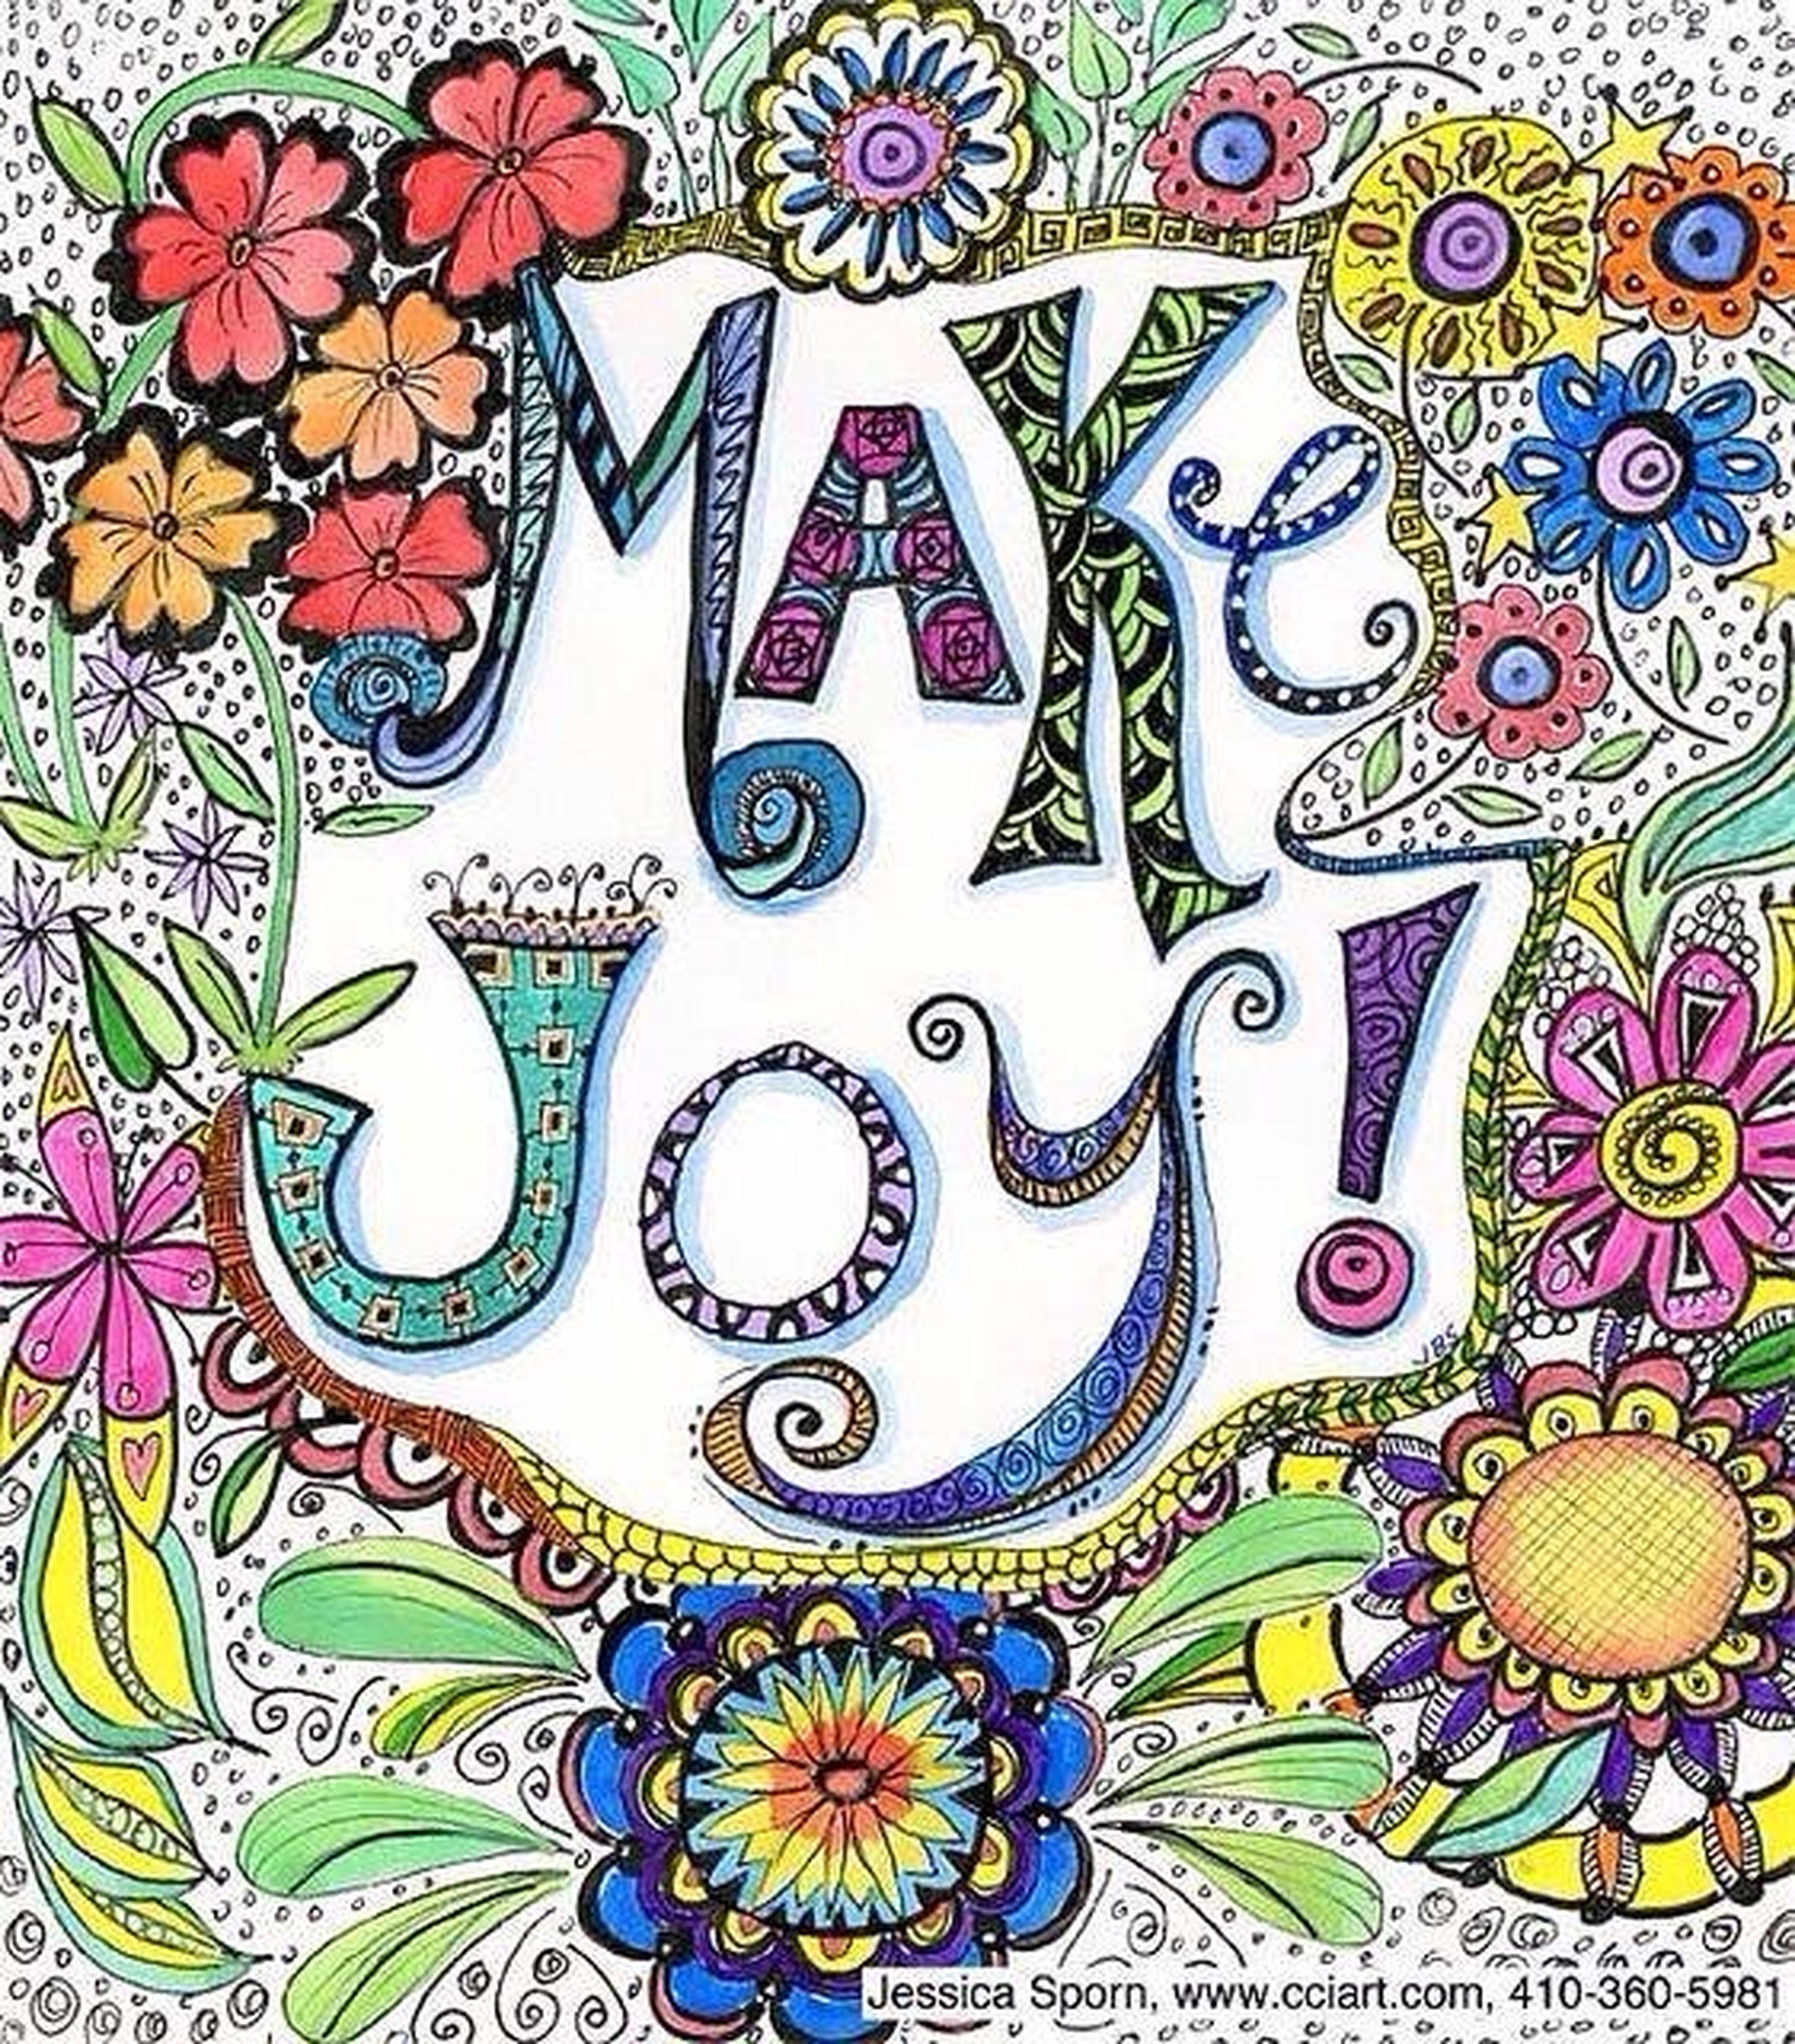 Phận đàn bà bạc lắm ng ơi. Bận tâm chi chn thị phi người đời. Sống vui vẻ cho mình, tự do và kiêu hãnh thôi!!! Make Joy Color Hippie Just Comfort Yourself And Have Fun Girl :)